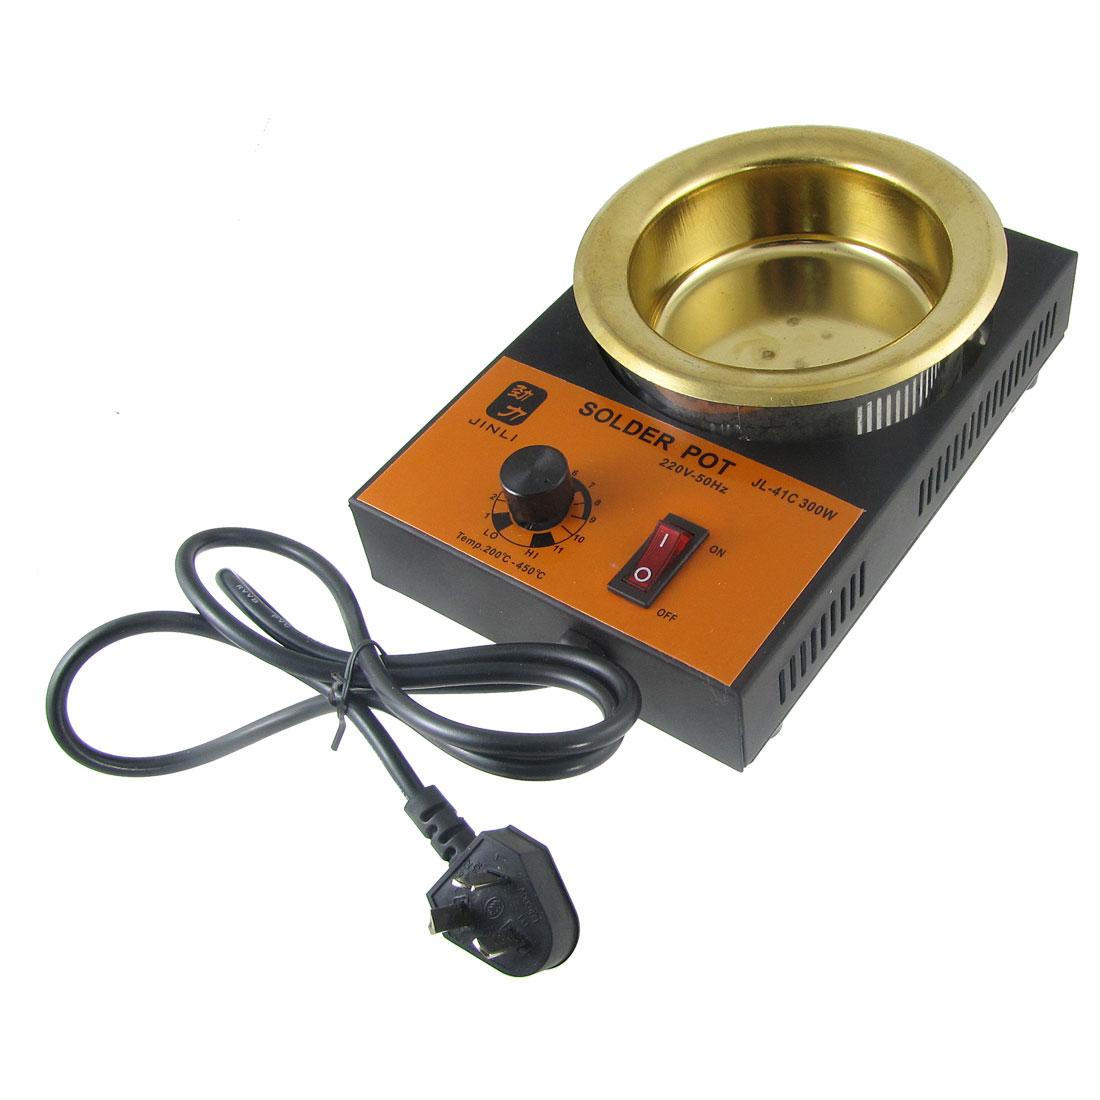 Solder Pot Soldering Desoldering Bath 100mm 220V 300W AU Plug